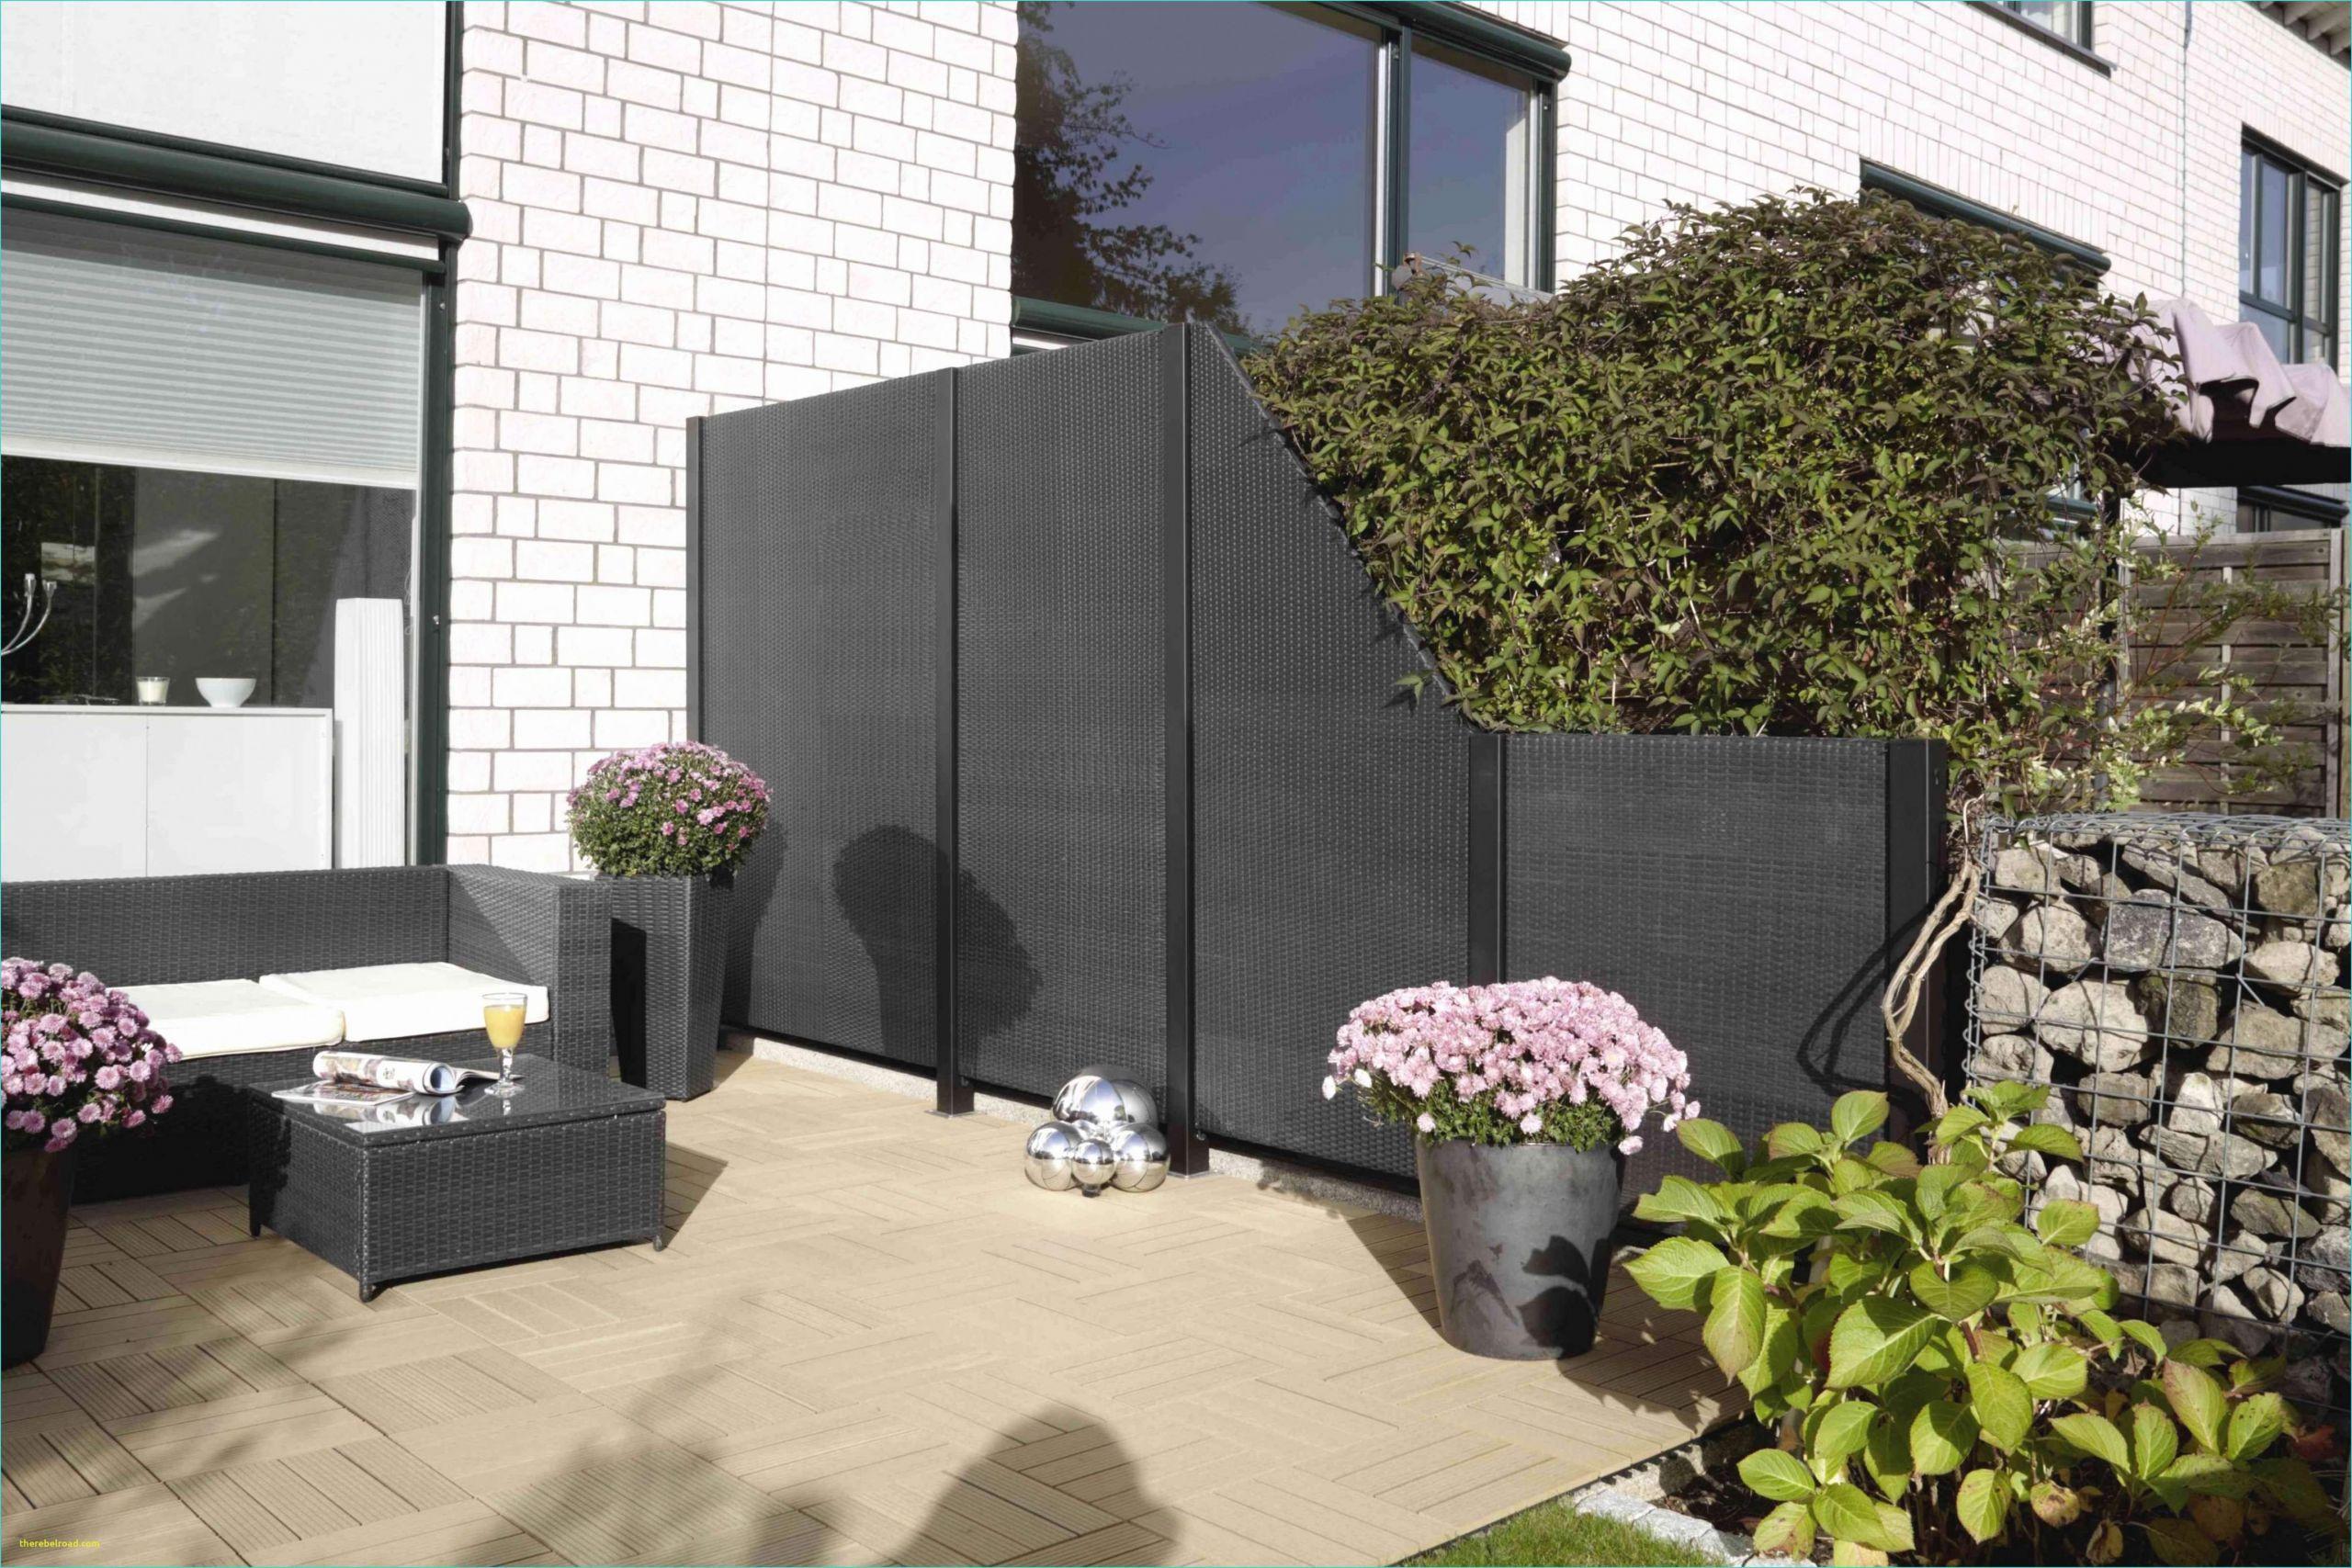 42 schon terrasse pflanzen sichtschutz stock sichtschutz pflanzen terrasse sichtschutz pflanzen terrasse